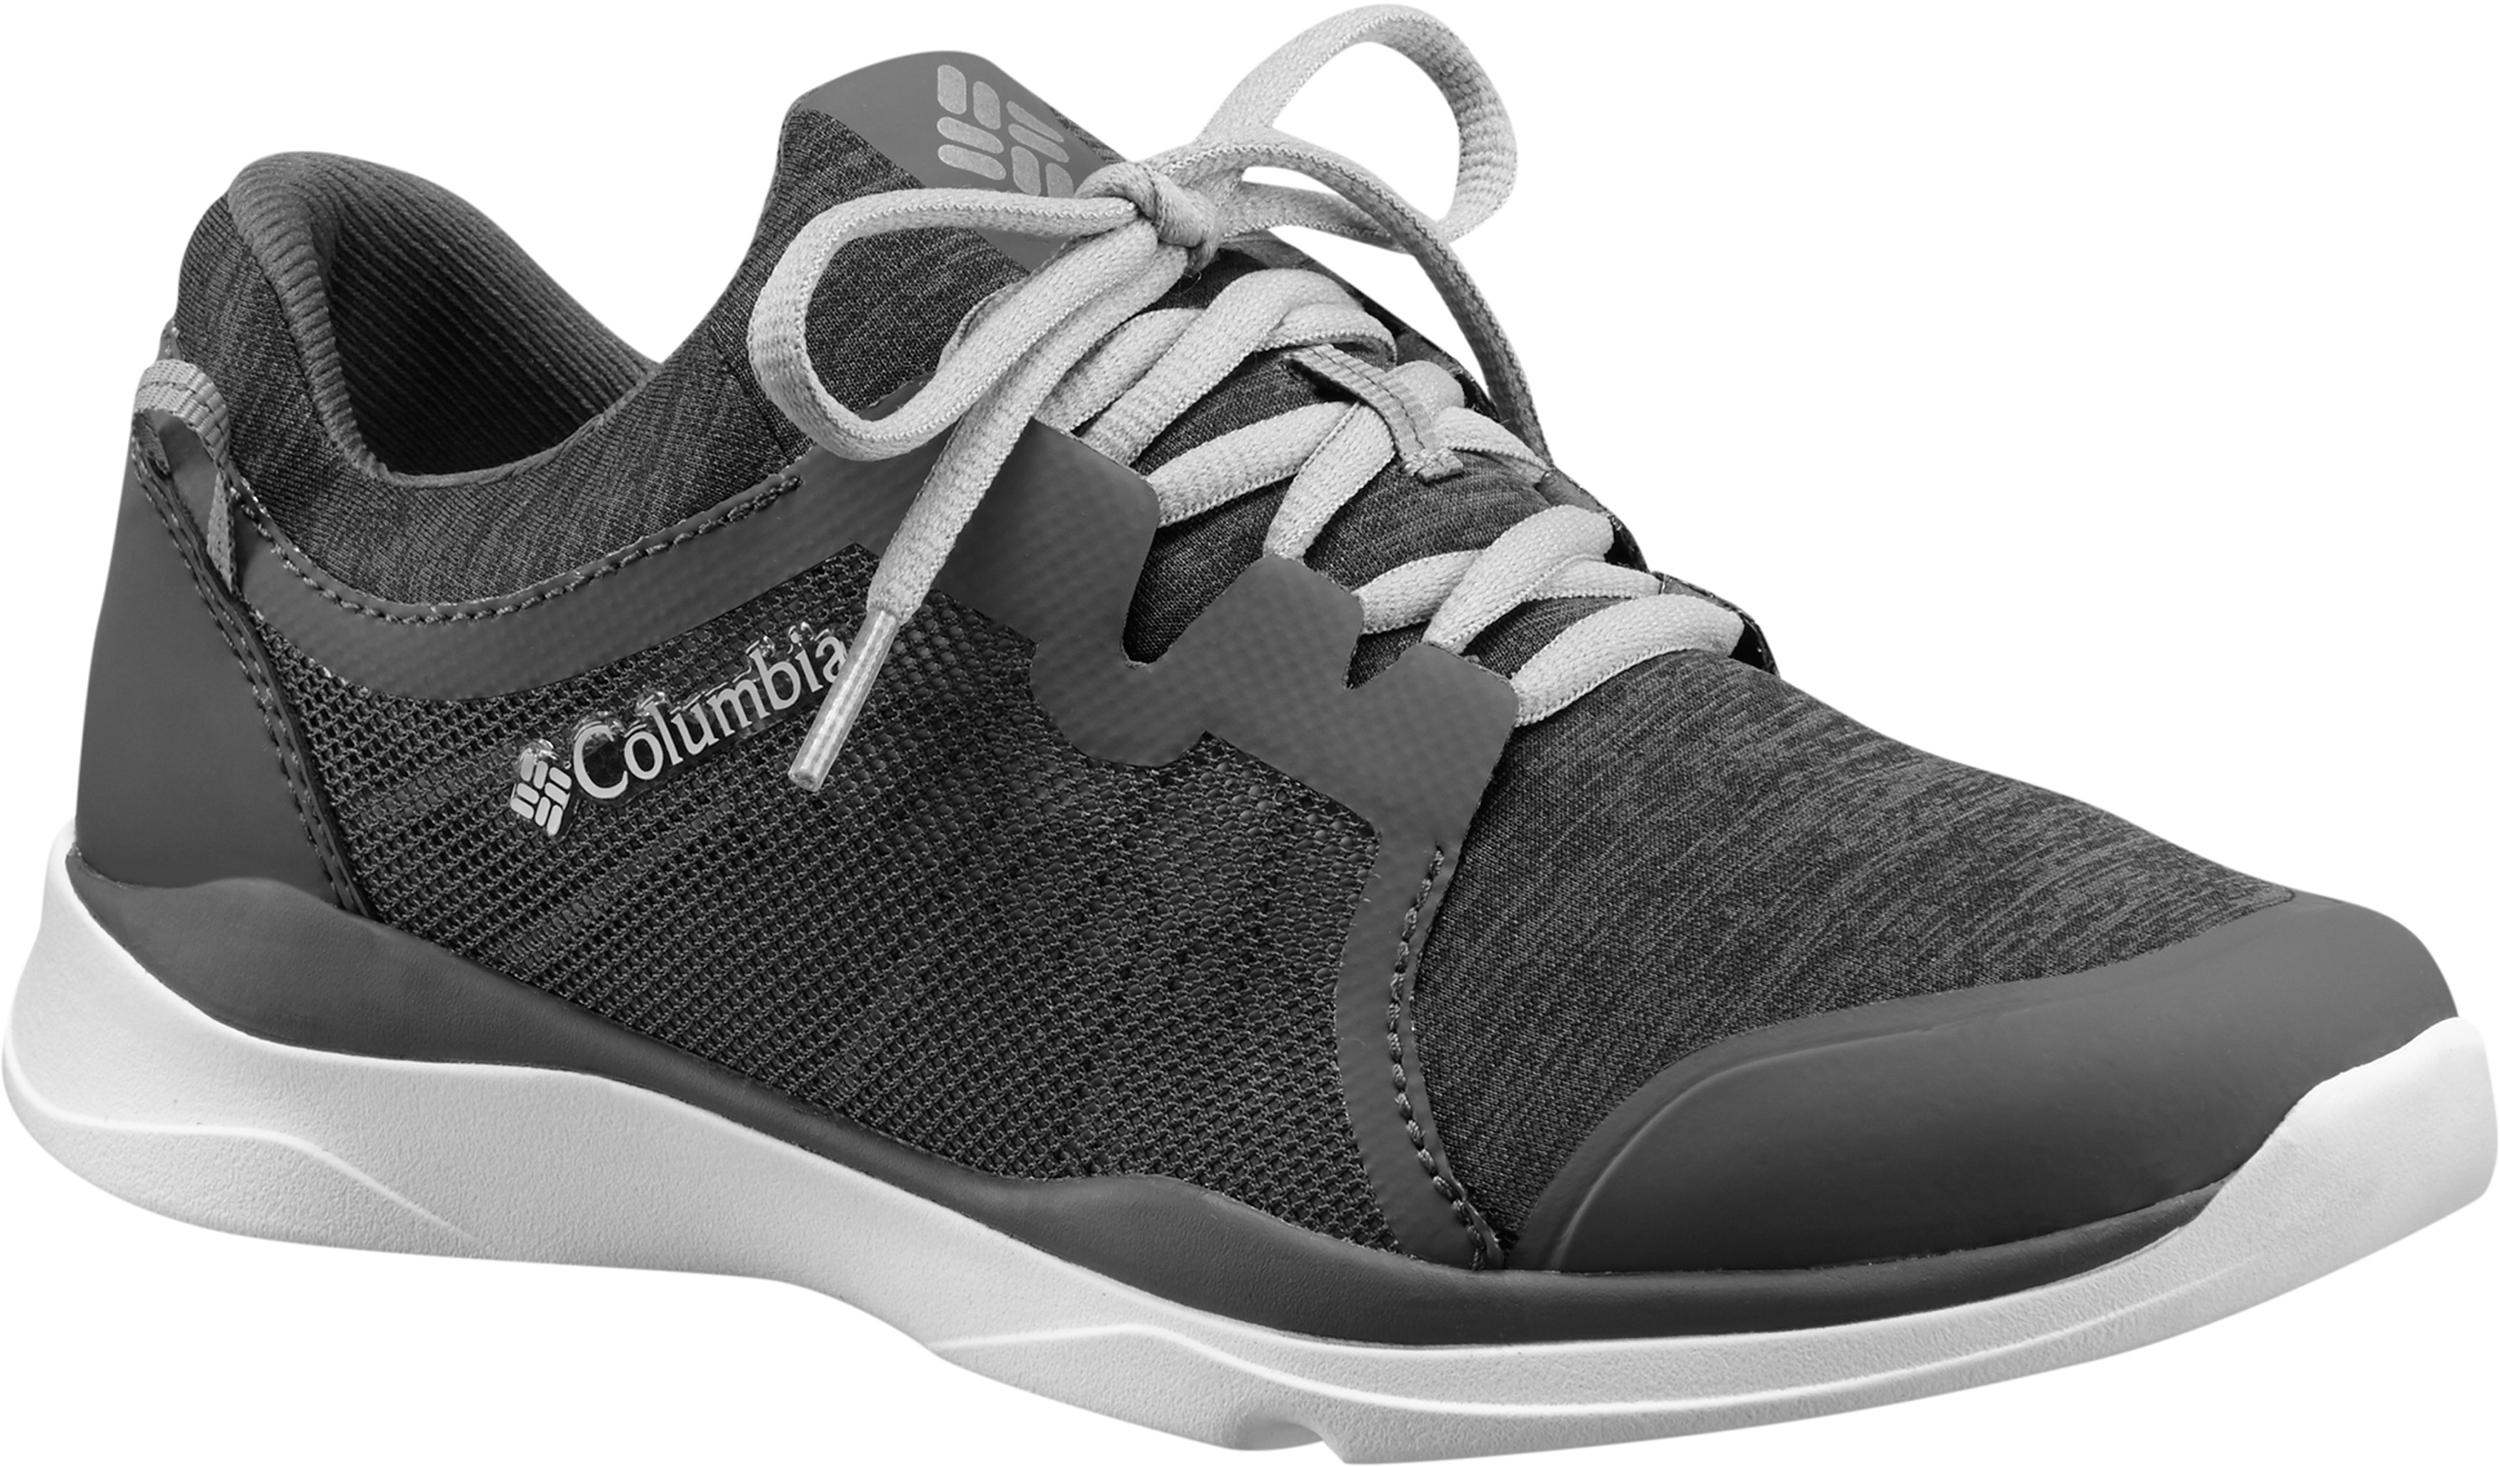 Shoes Sepatu Pria Branded Maroon Ampamp Black